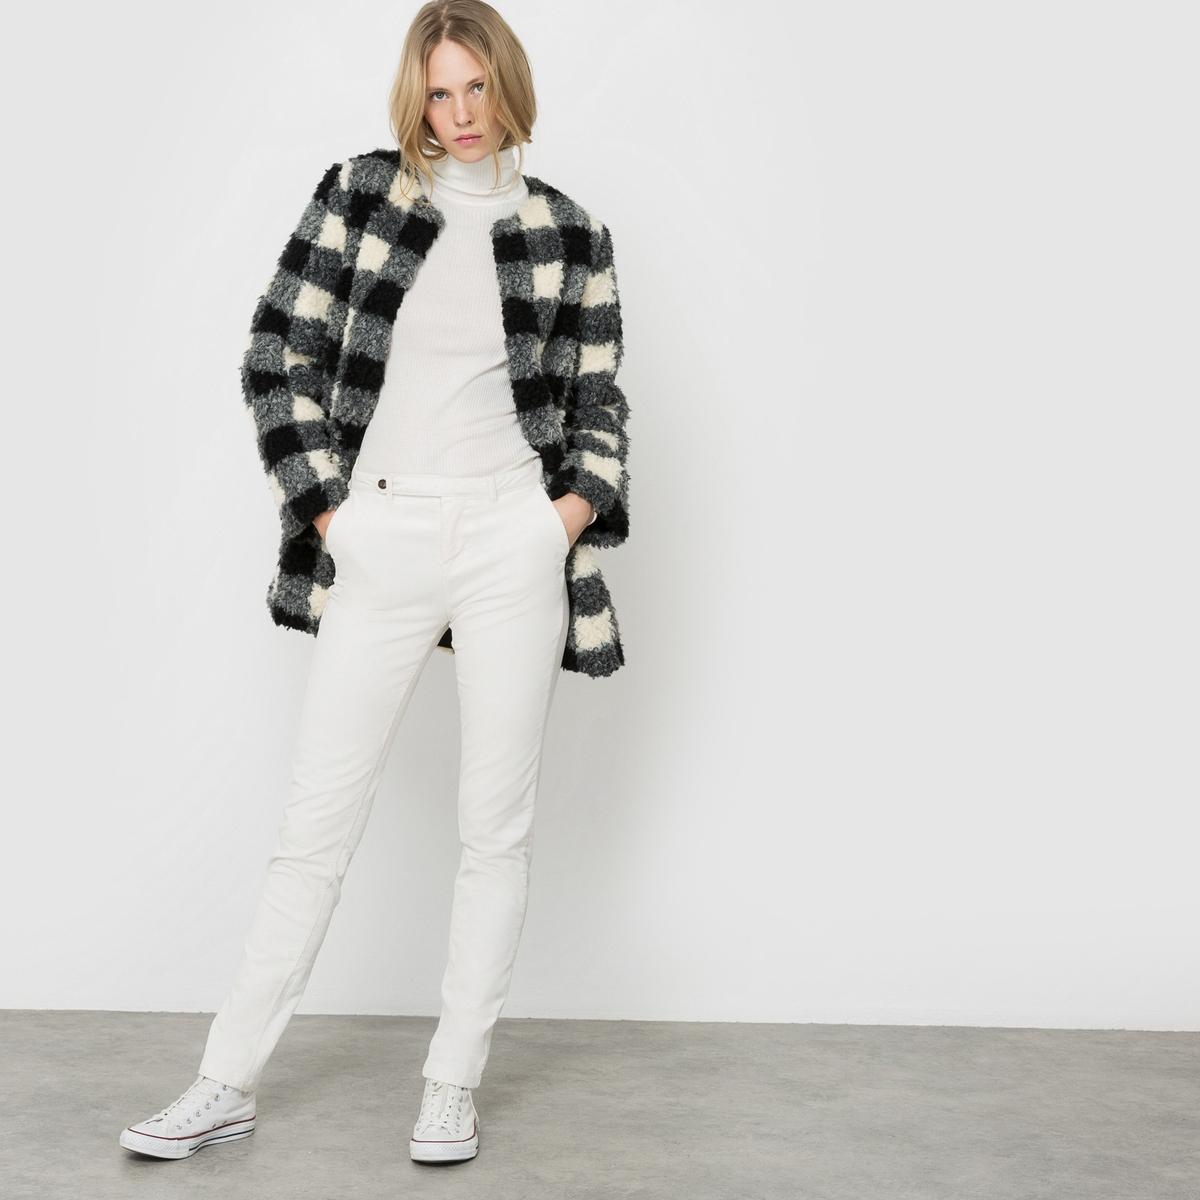 Пальто из искусственного меха. жакет из велюра на подкладке из искусственного меха